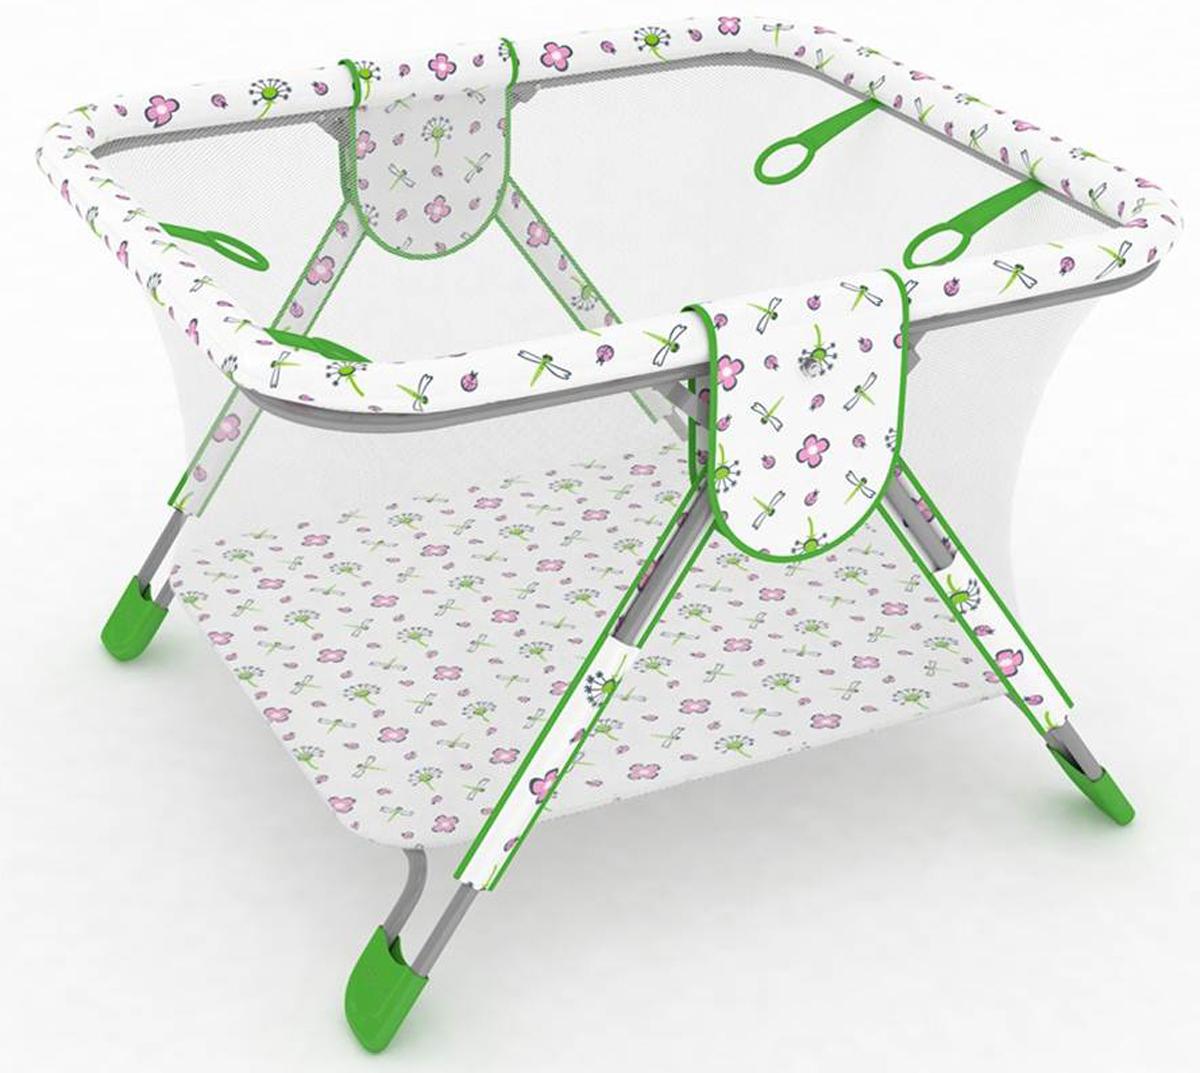 Polini Манеж Книжка цвет зеленый0001357-4Детский манеж Polini «Книжка» - качественный продукт для детей от 6 месяцев до 3 лет, в котором совмещены удобство и безопасность для новорожденного, а также функциональность мебели для детской комнаты. Манеж способствует правильному физическому развитию ребенка, имеет 4 пластиковые ручки-кольца и прозрачные бортики из сетки. Имеющая международные сертификаты качества пленка ПВХ особой прочности, не содержащая вредных для здоровья ребенка фталатов и тяжелых металлов, гарантирует безопасность малыша, а мягкие материалы подарят дополнительный комфорт. Изделие компактно складывается, облегчая хранение, и легко моется. Пластиковые накладки на ножках манежа придают дополнительную устойчивость.